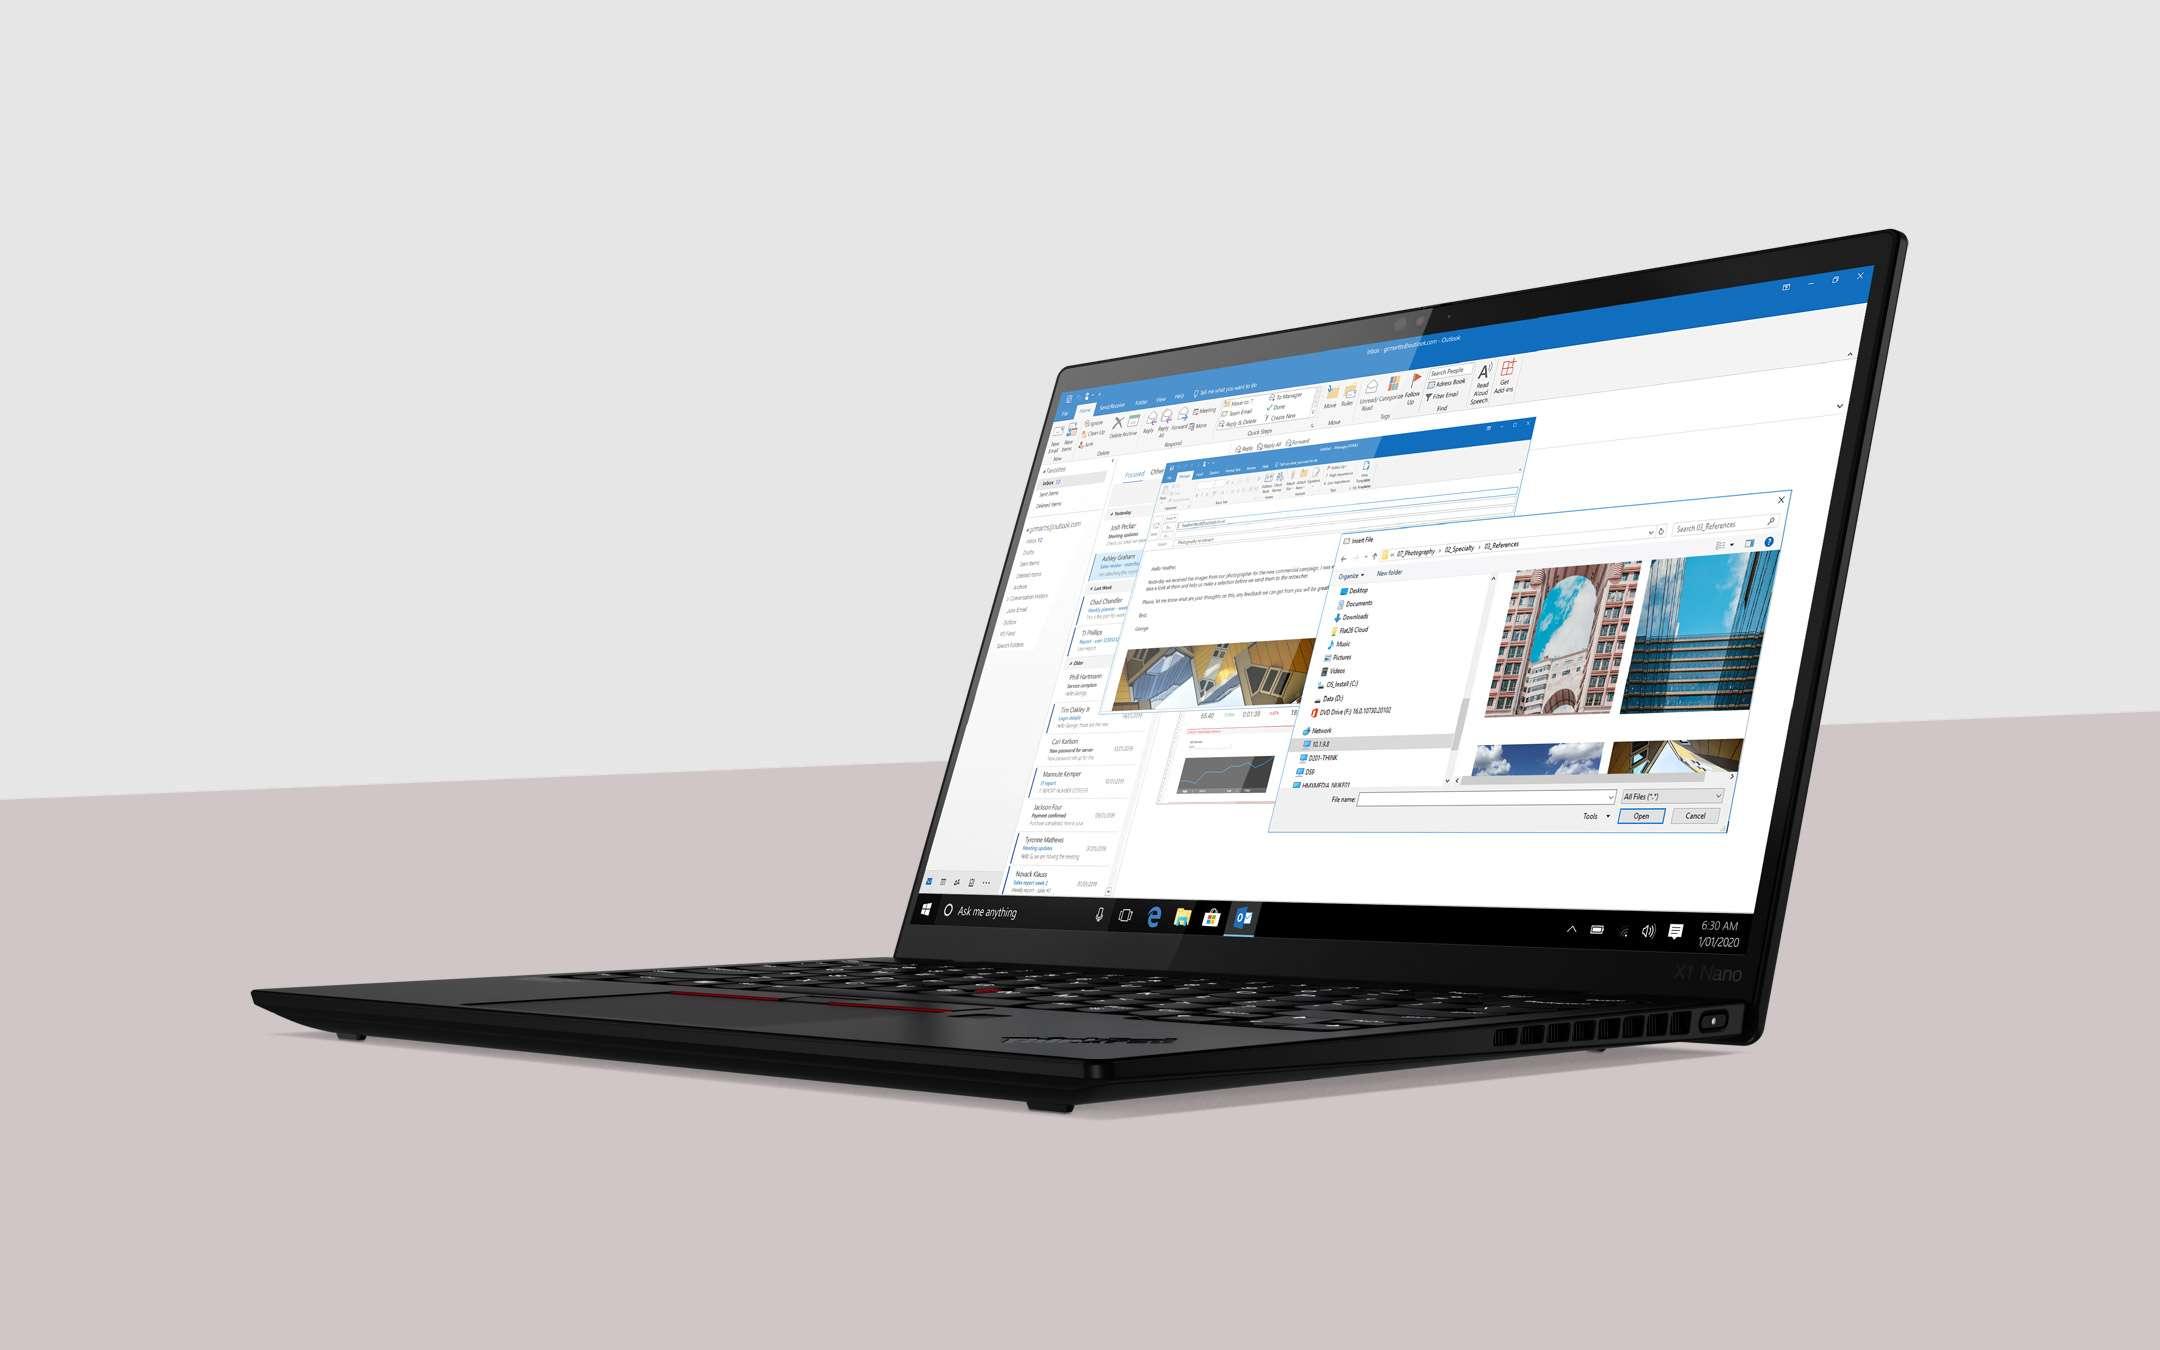 Lenovo ThinkPad X1 Nano in Italy (soon also 5G)